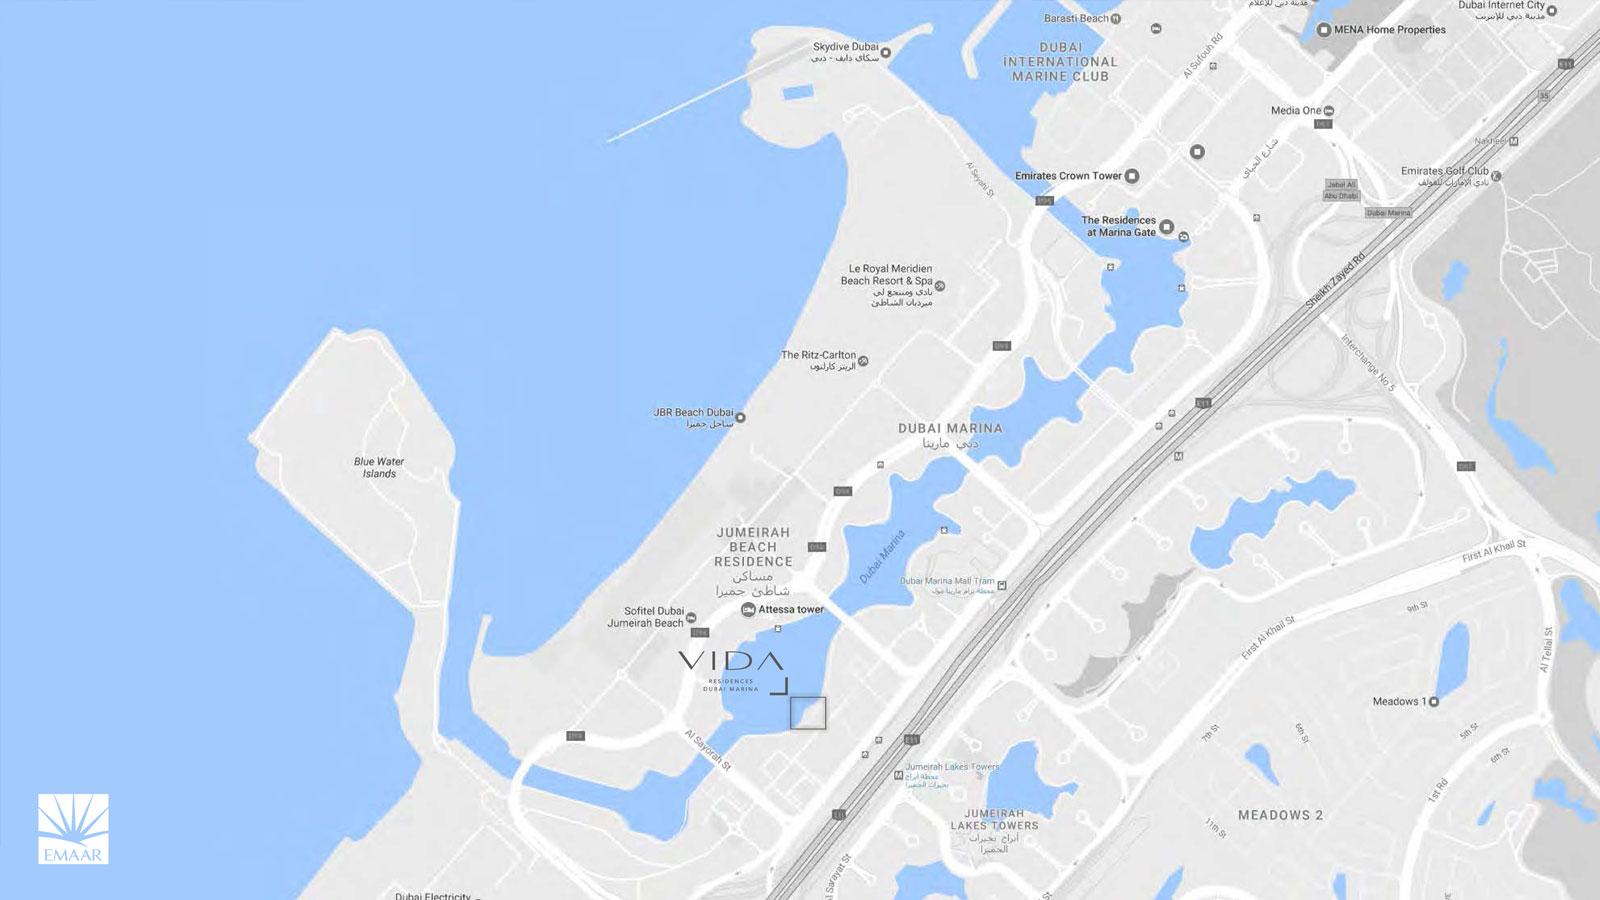 مارينا-فيدا-رزيدنس خريطة الموقع